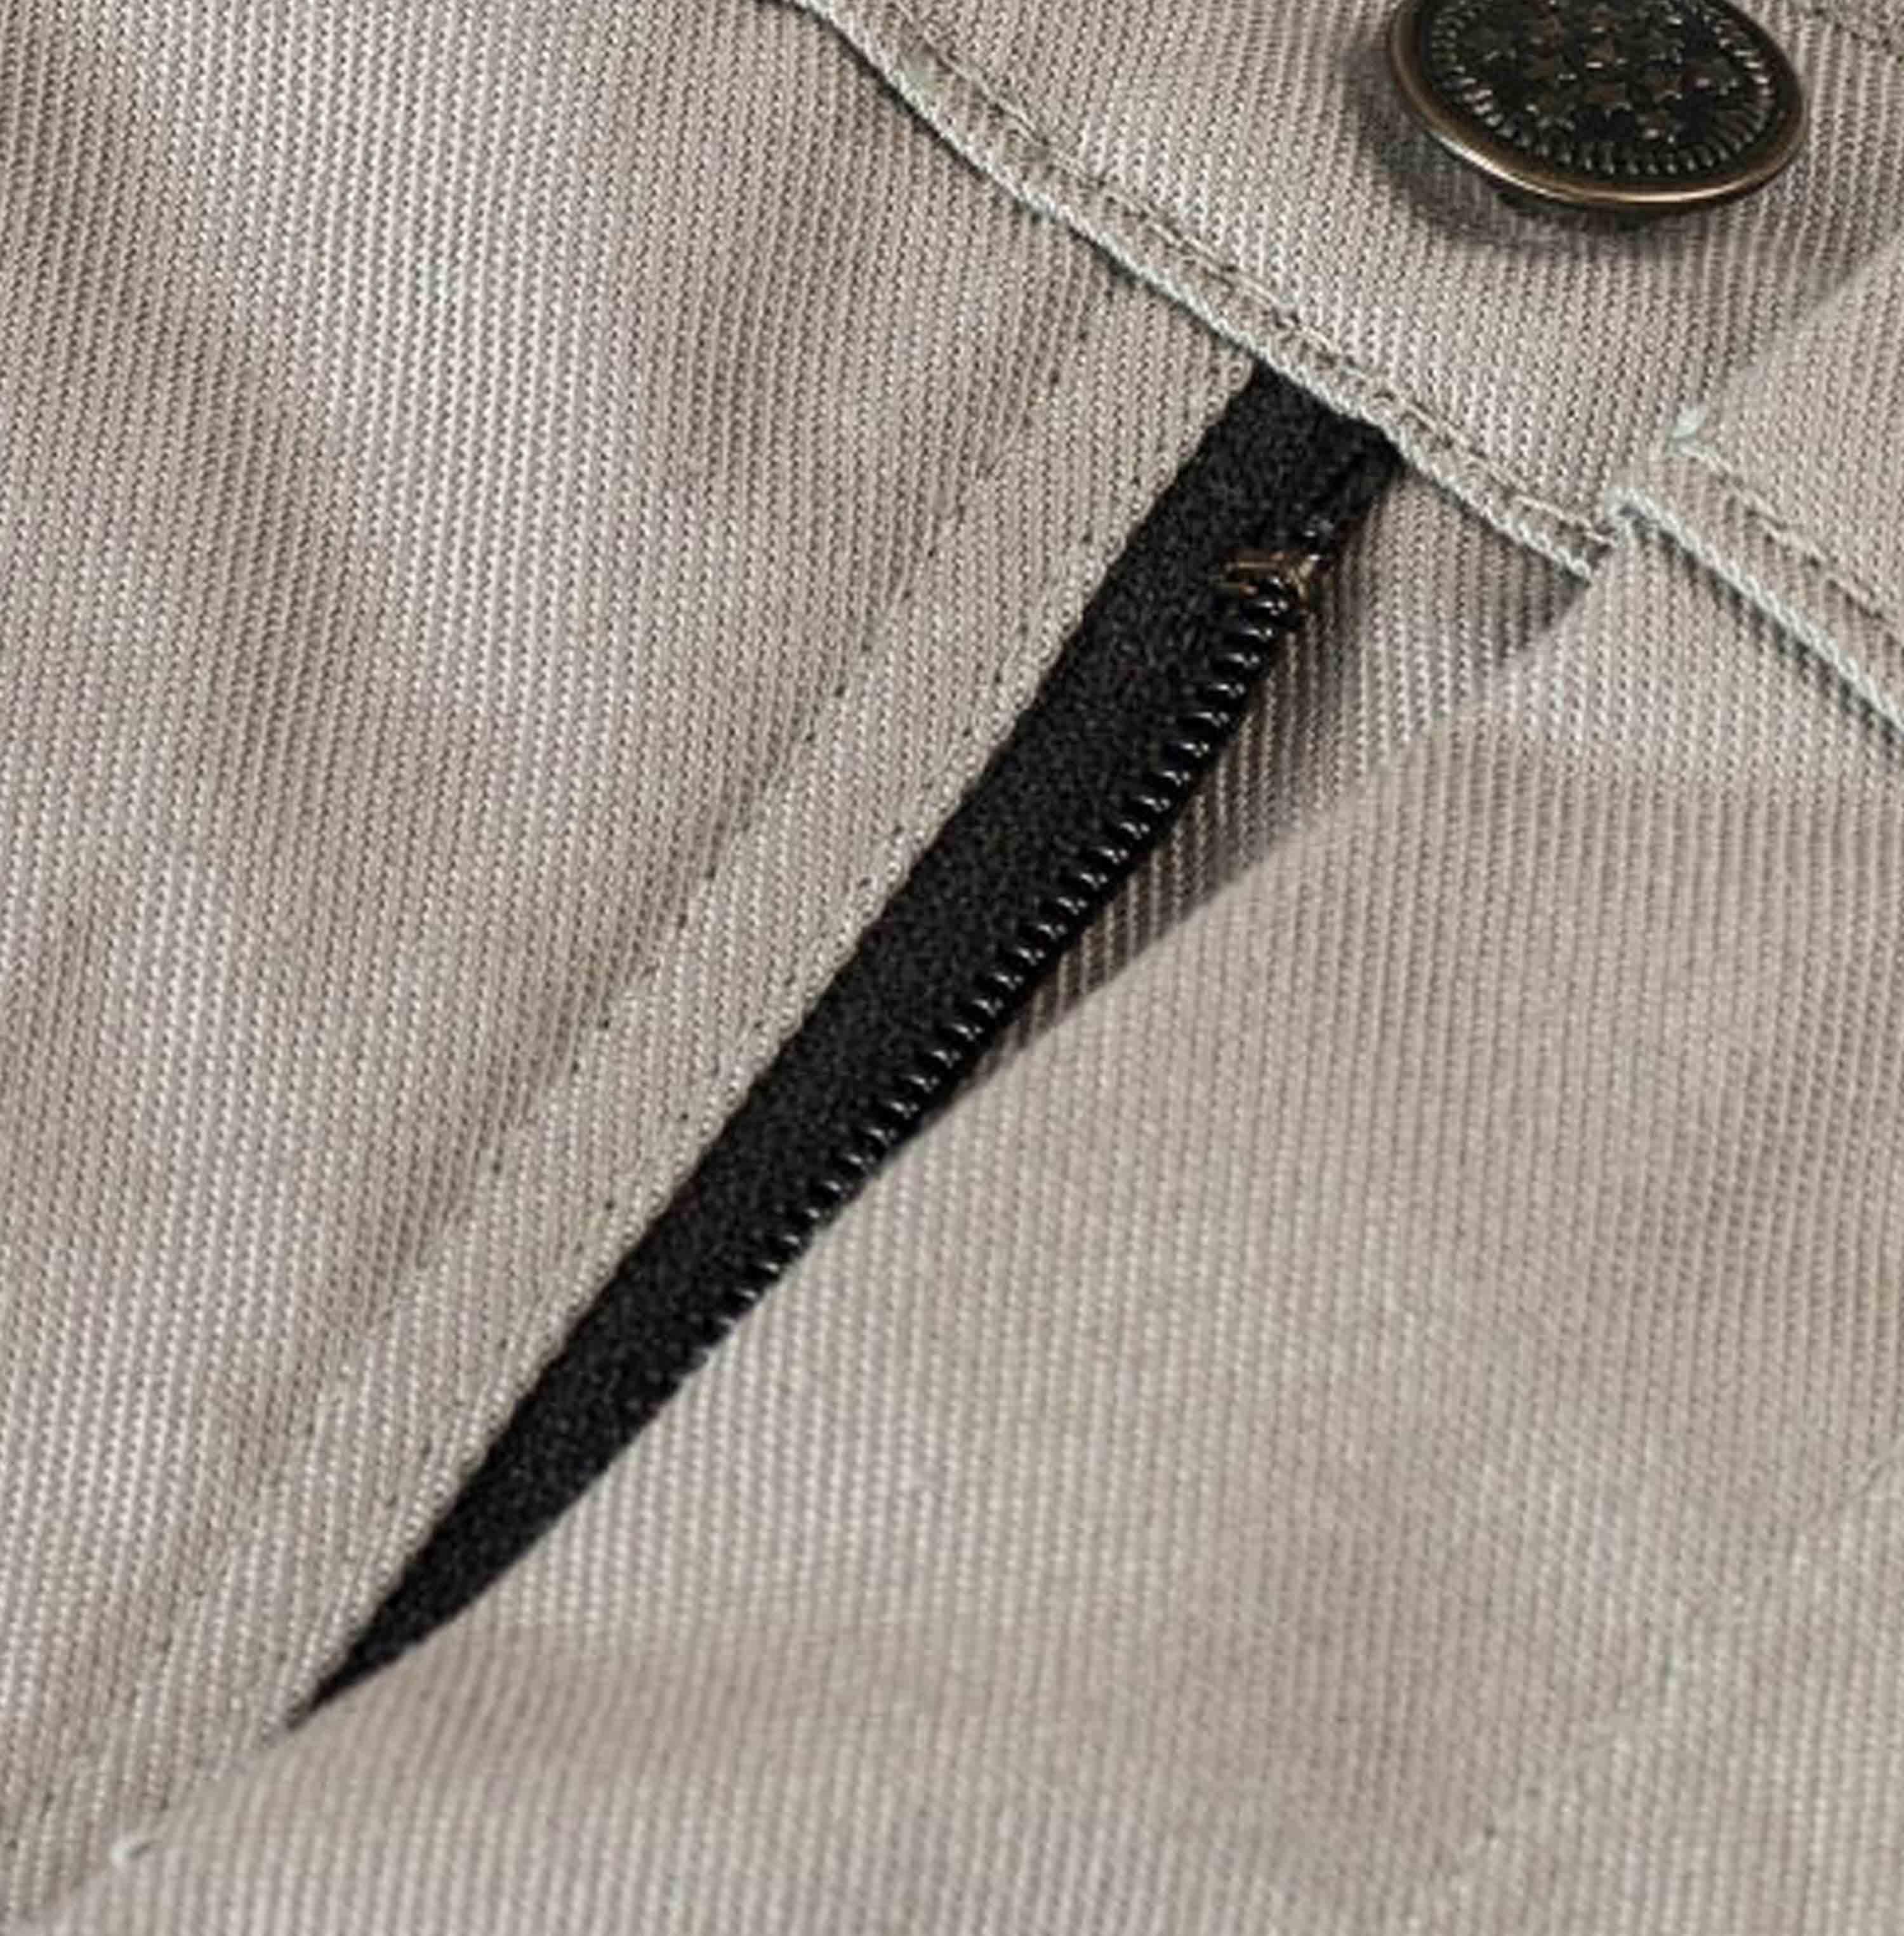 hlmbedrijfskleding -  Voorpag - Banner 4  - 40%